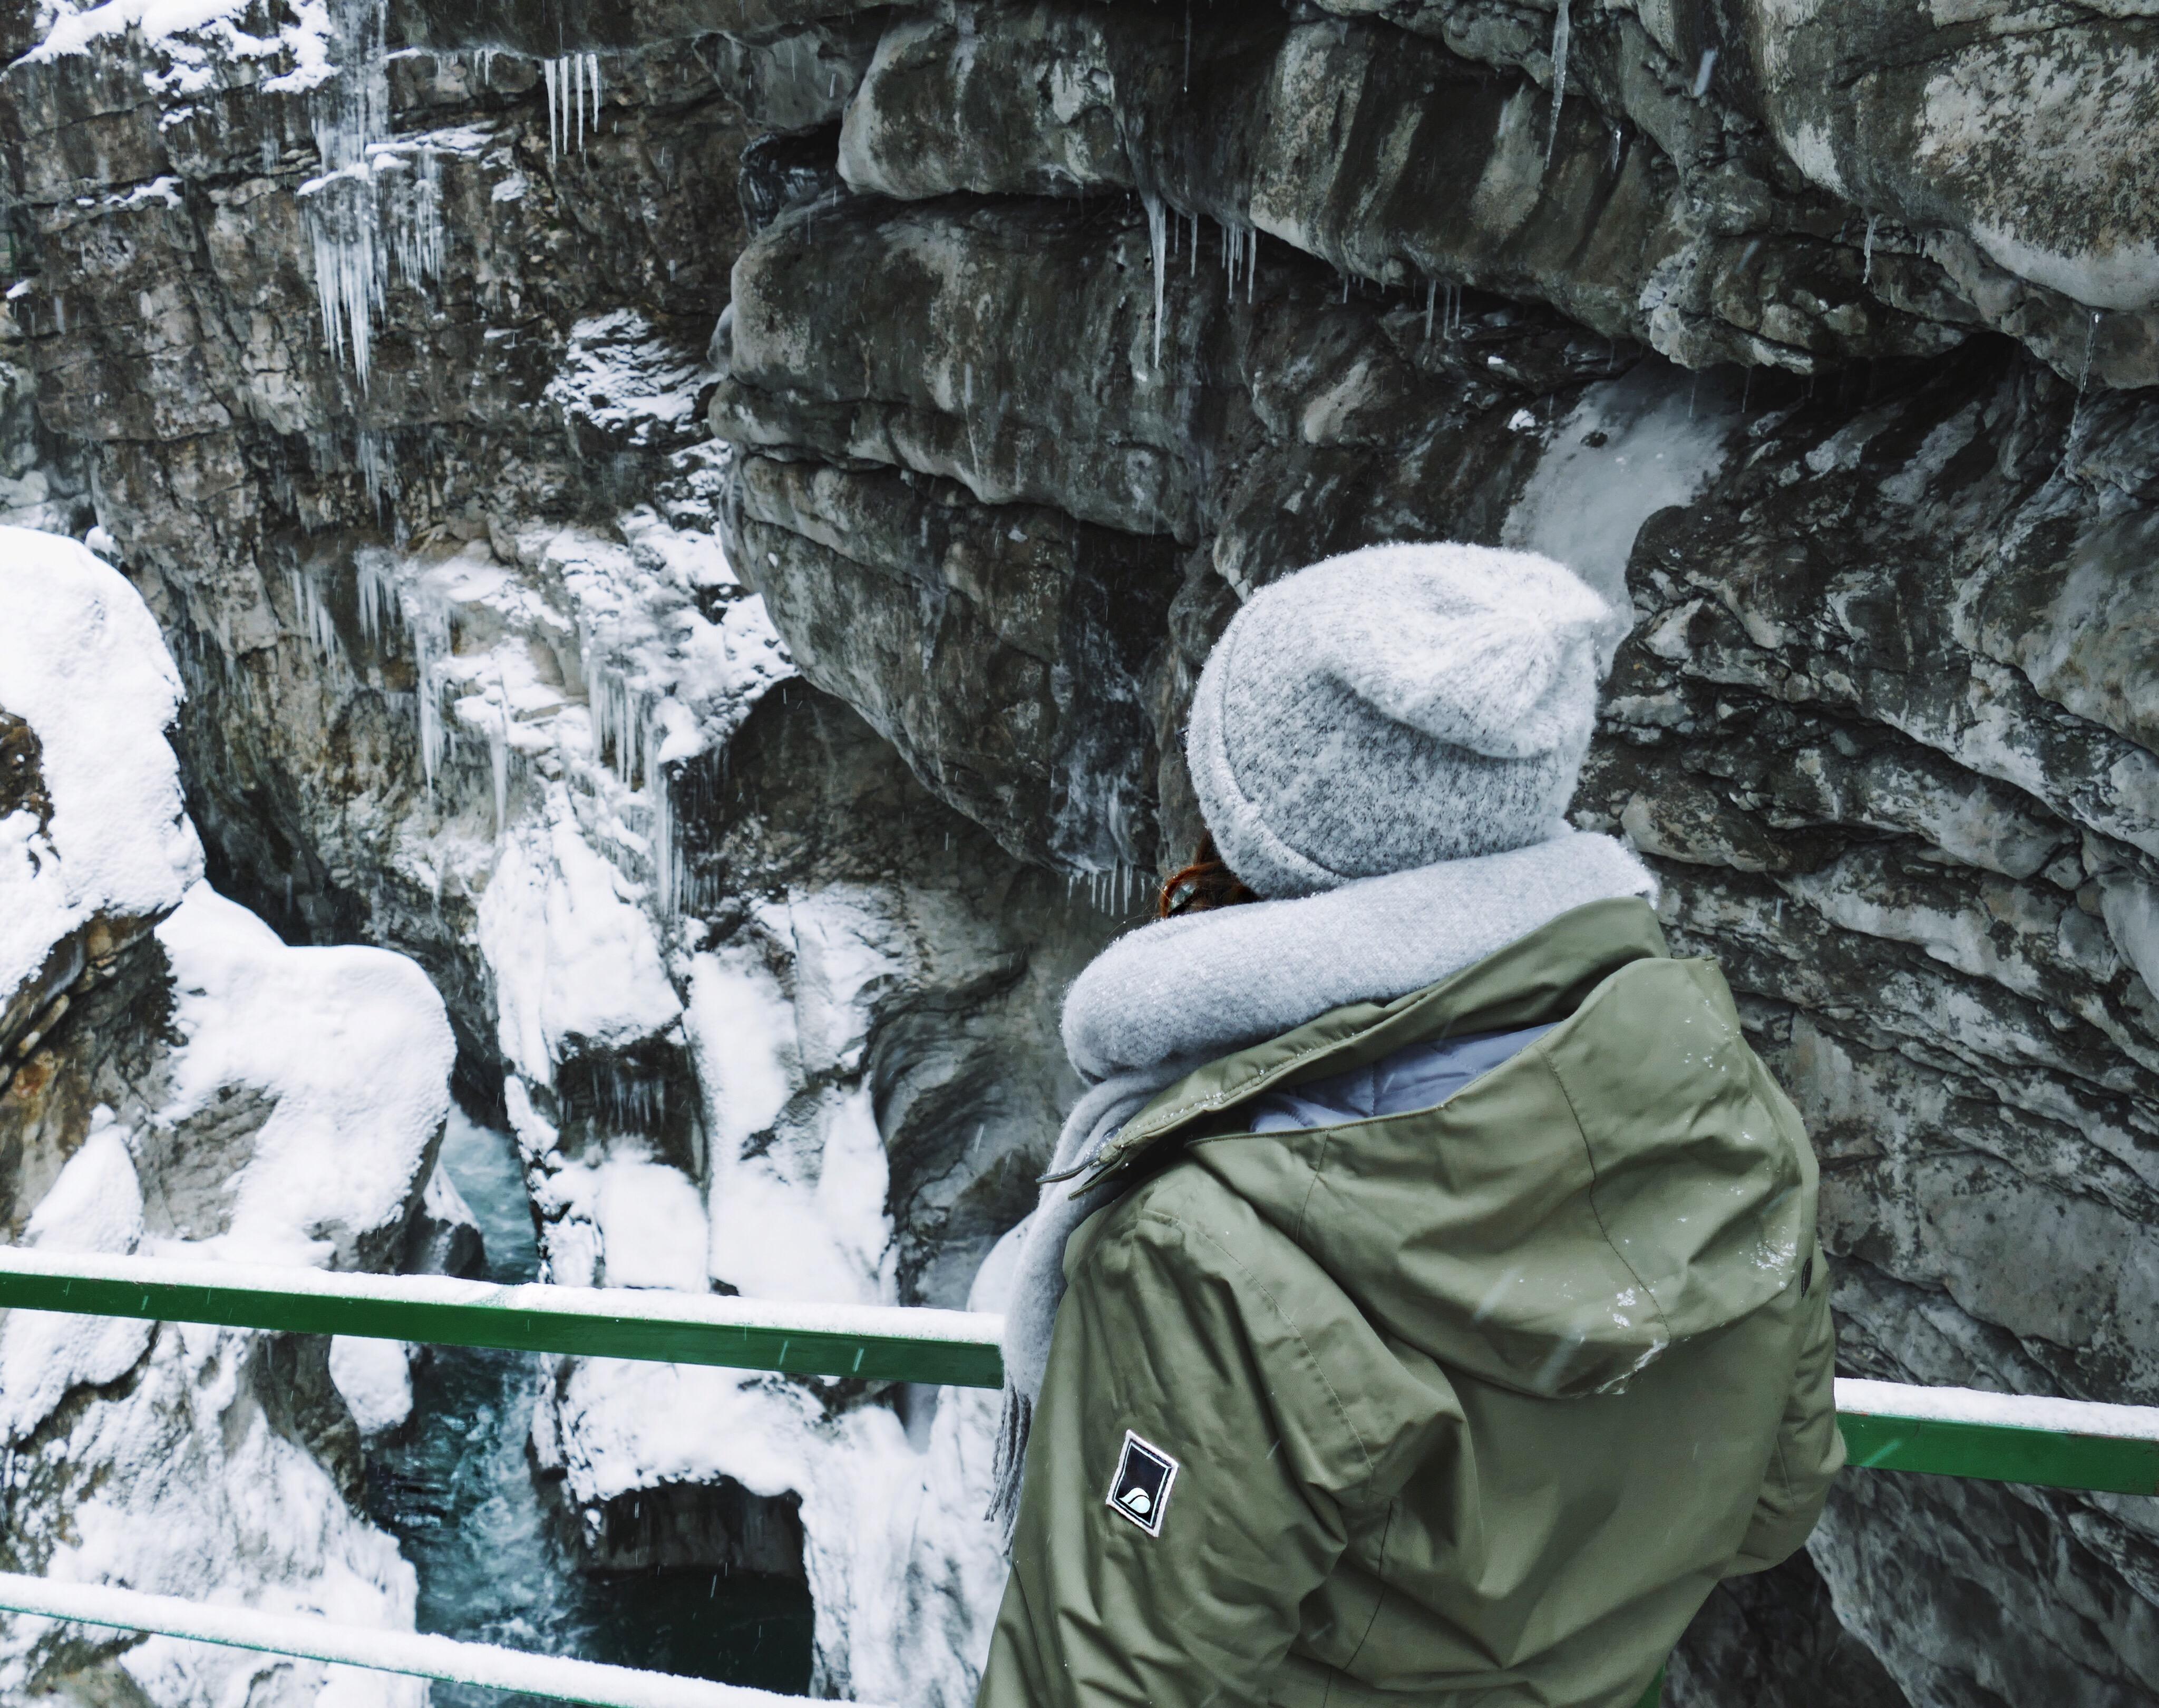 Klamm Ausflüge in Bayern, Deutschlang Kurztrip Highlights, Wandern Natur winter